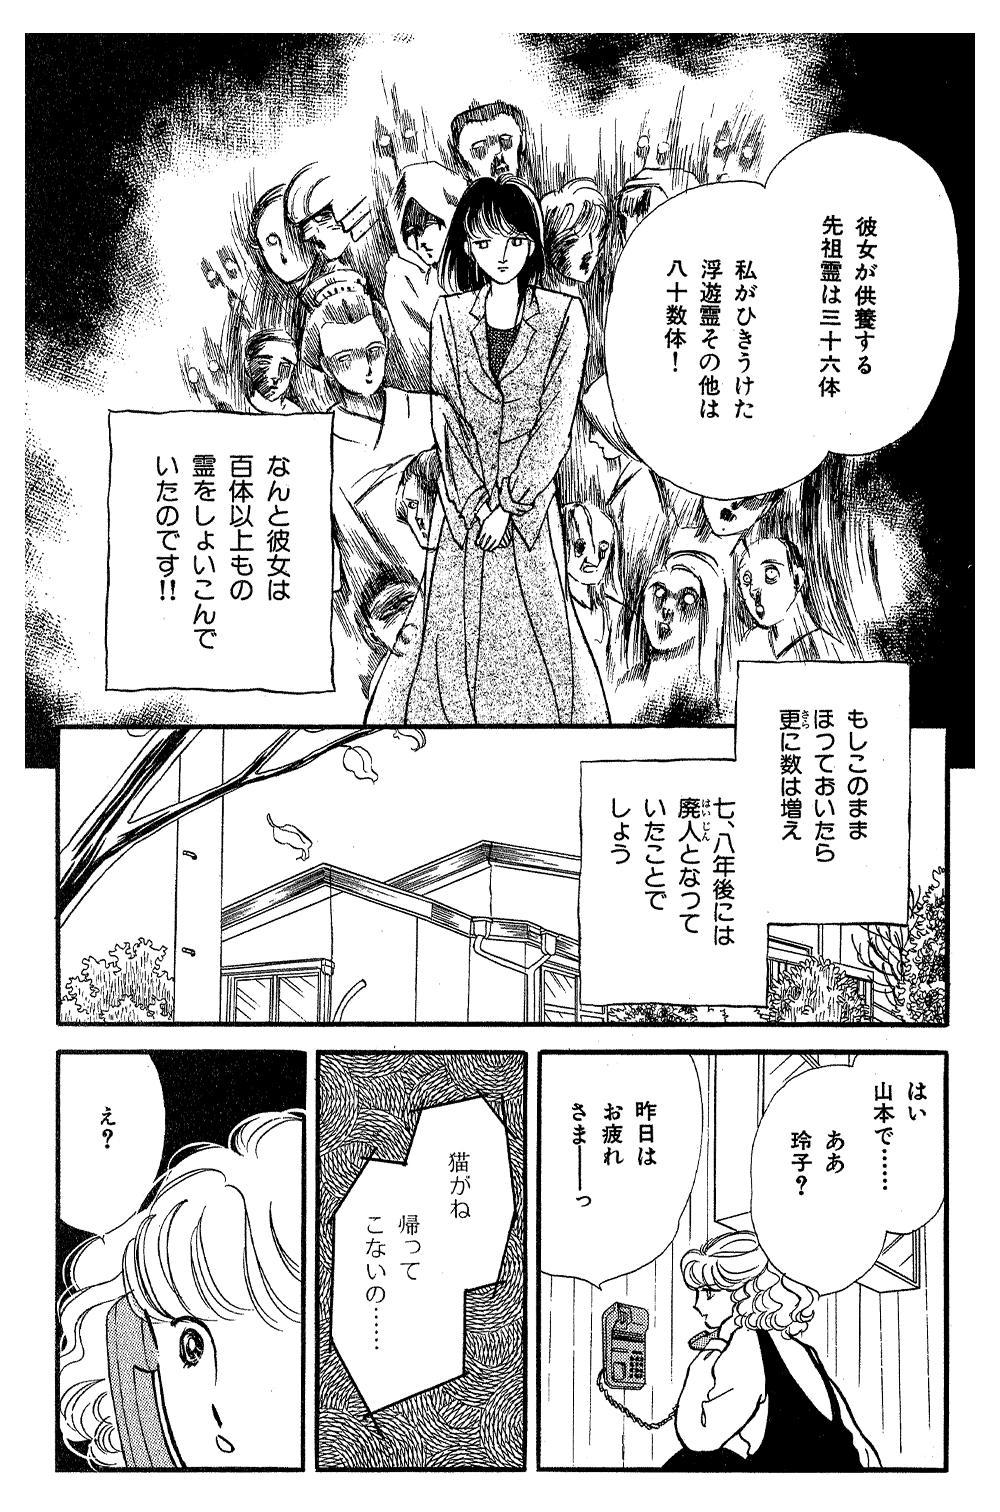 魔百合の恐怖報告  第3話「消えた黒猫」③mayuri09-06.jpg